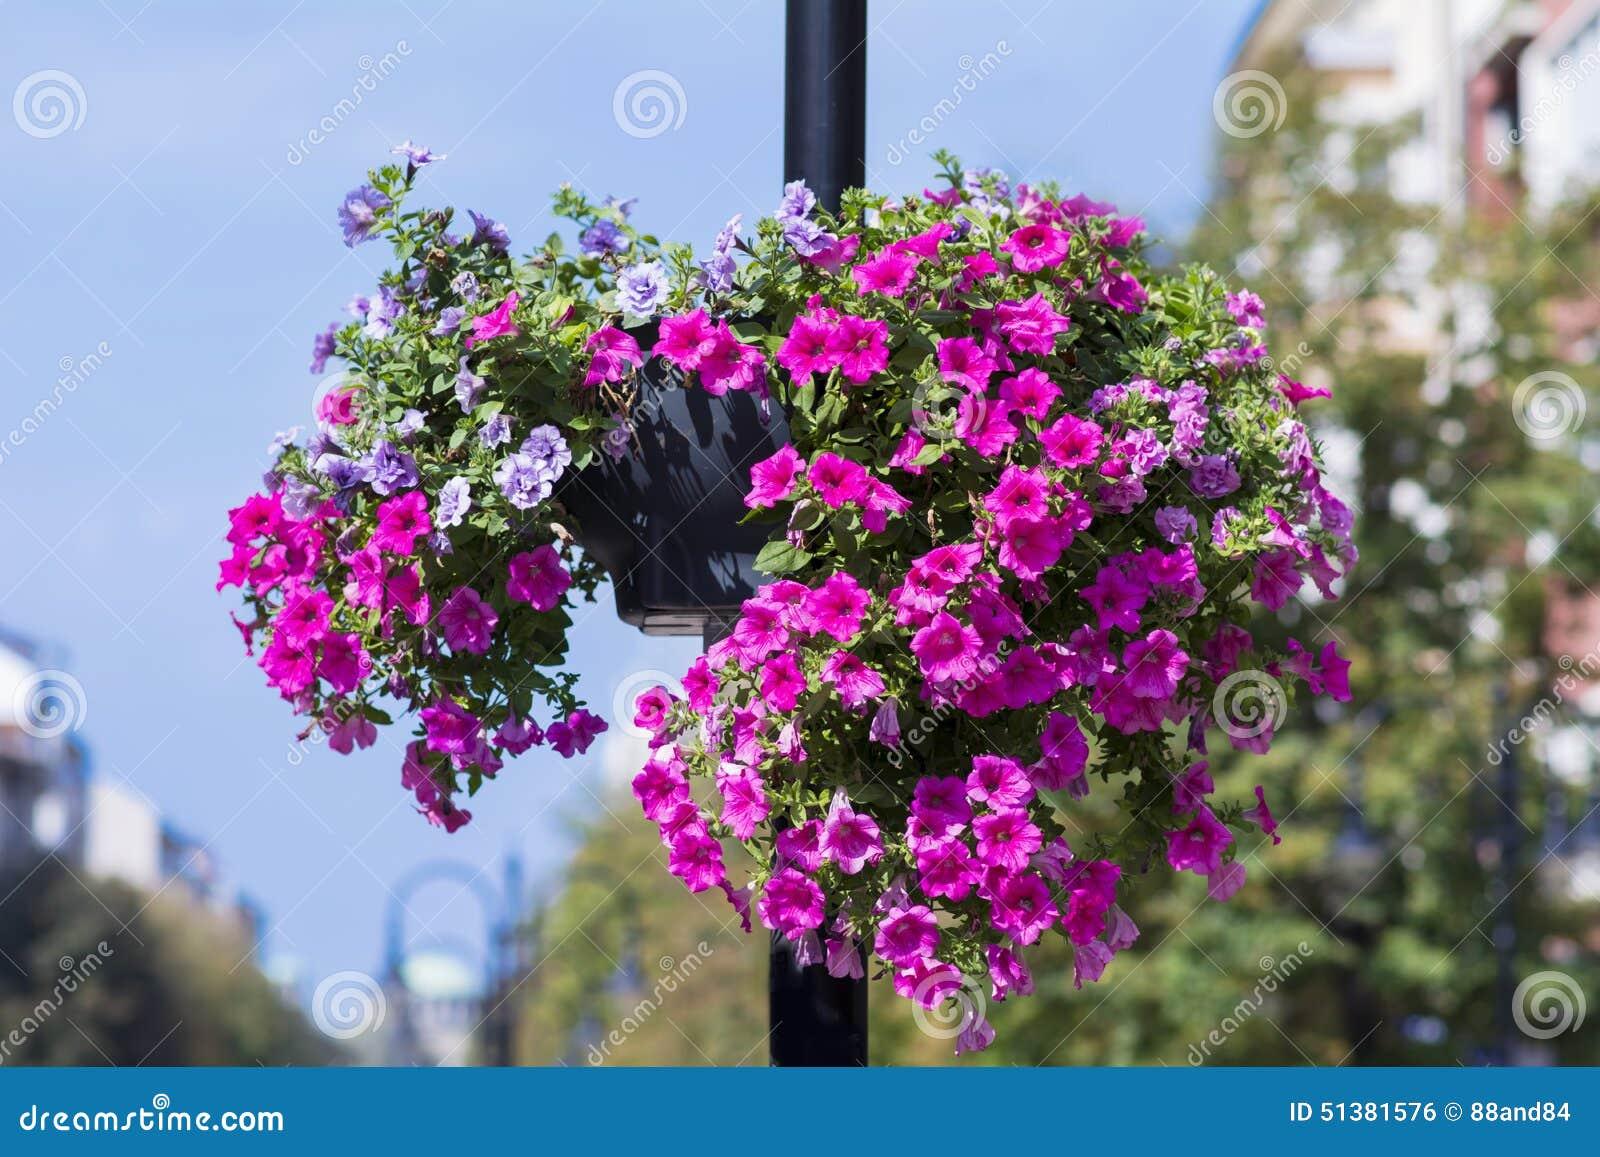 Luz de rua com as cestas de suspensão coloridas da flor do petúnia